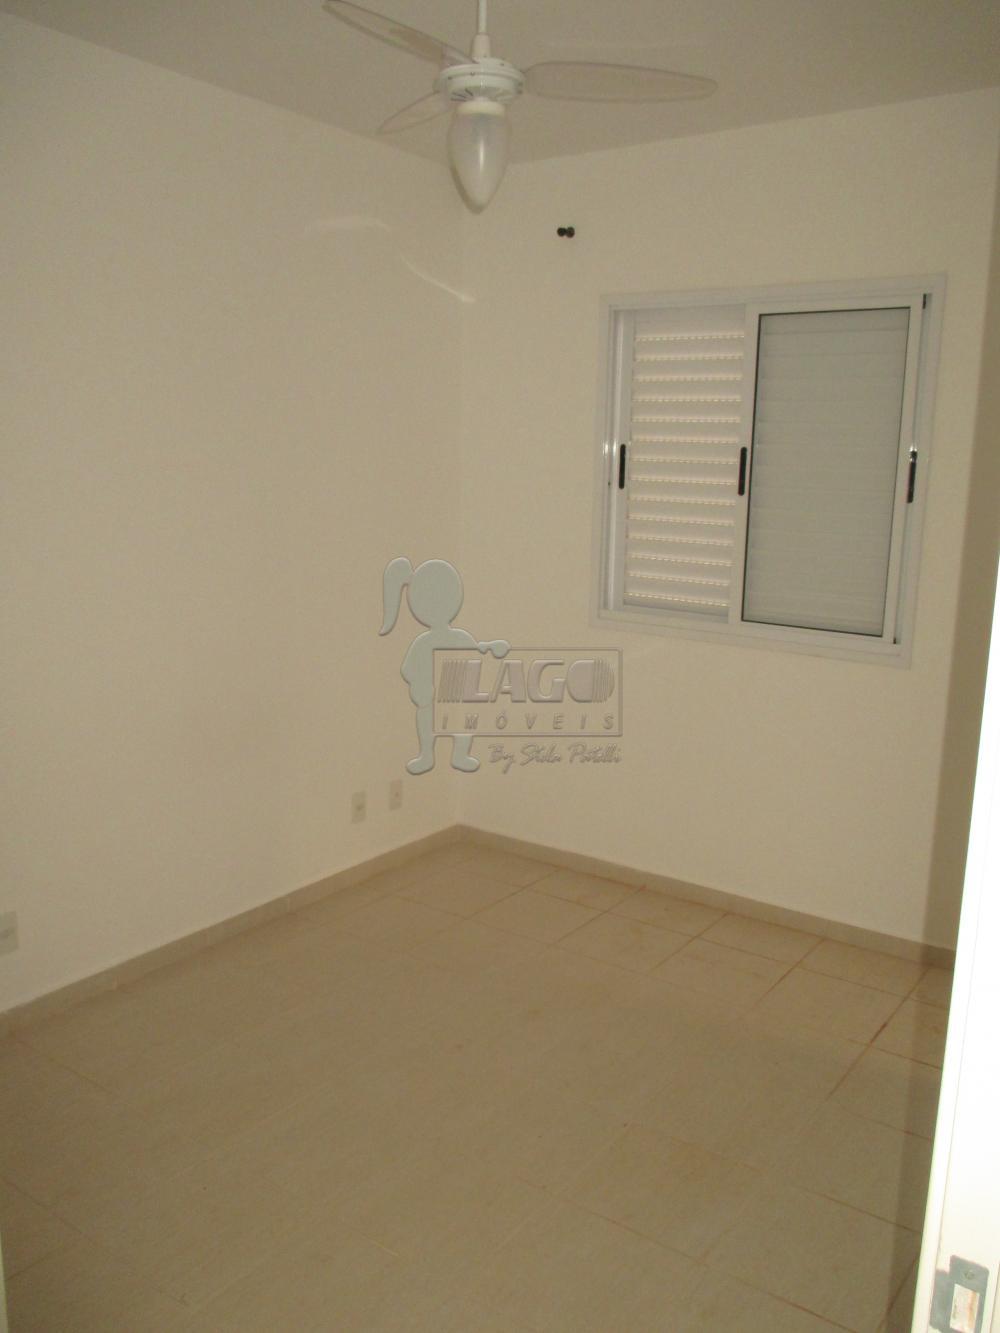 Alugar Casas / Condomínio em Ribeirão Preto apenas R$ 1.750,00 - Foto 7